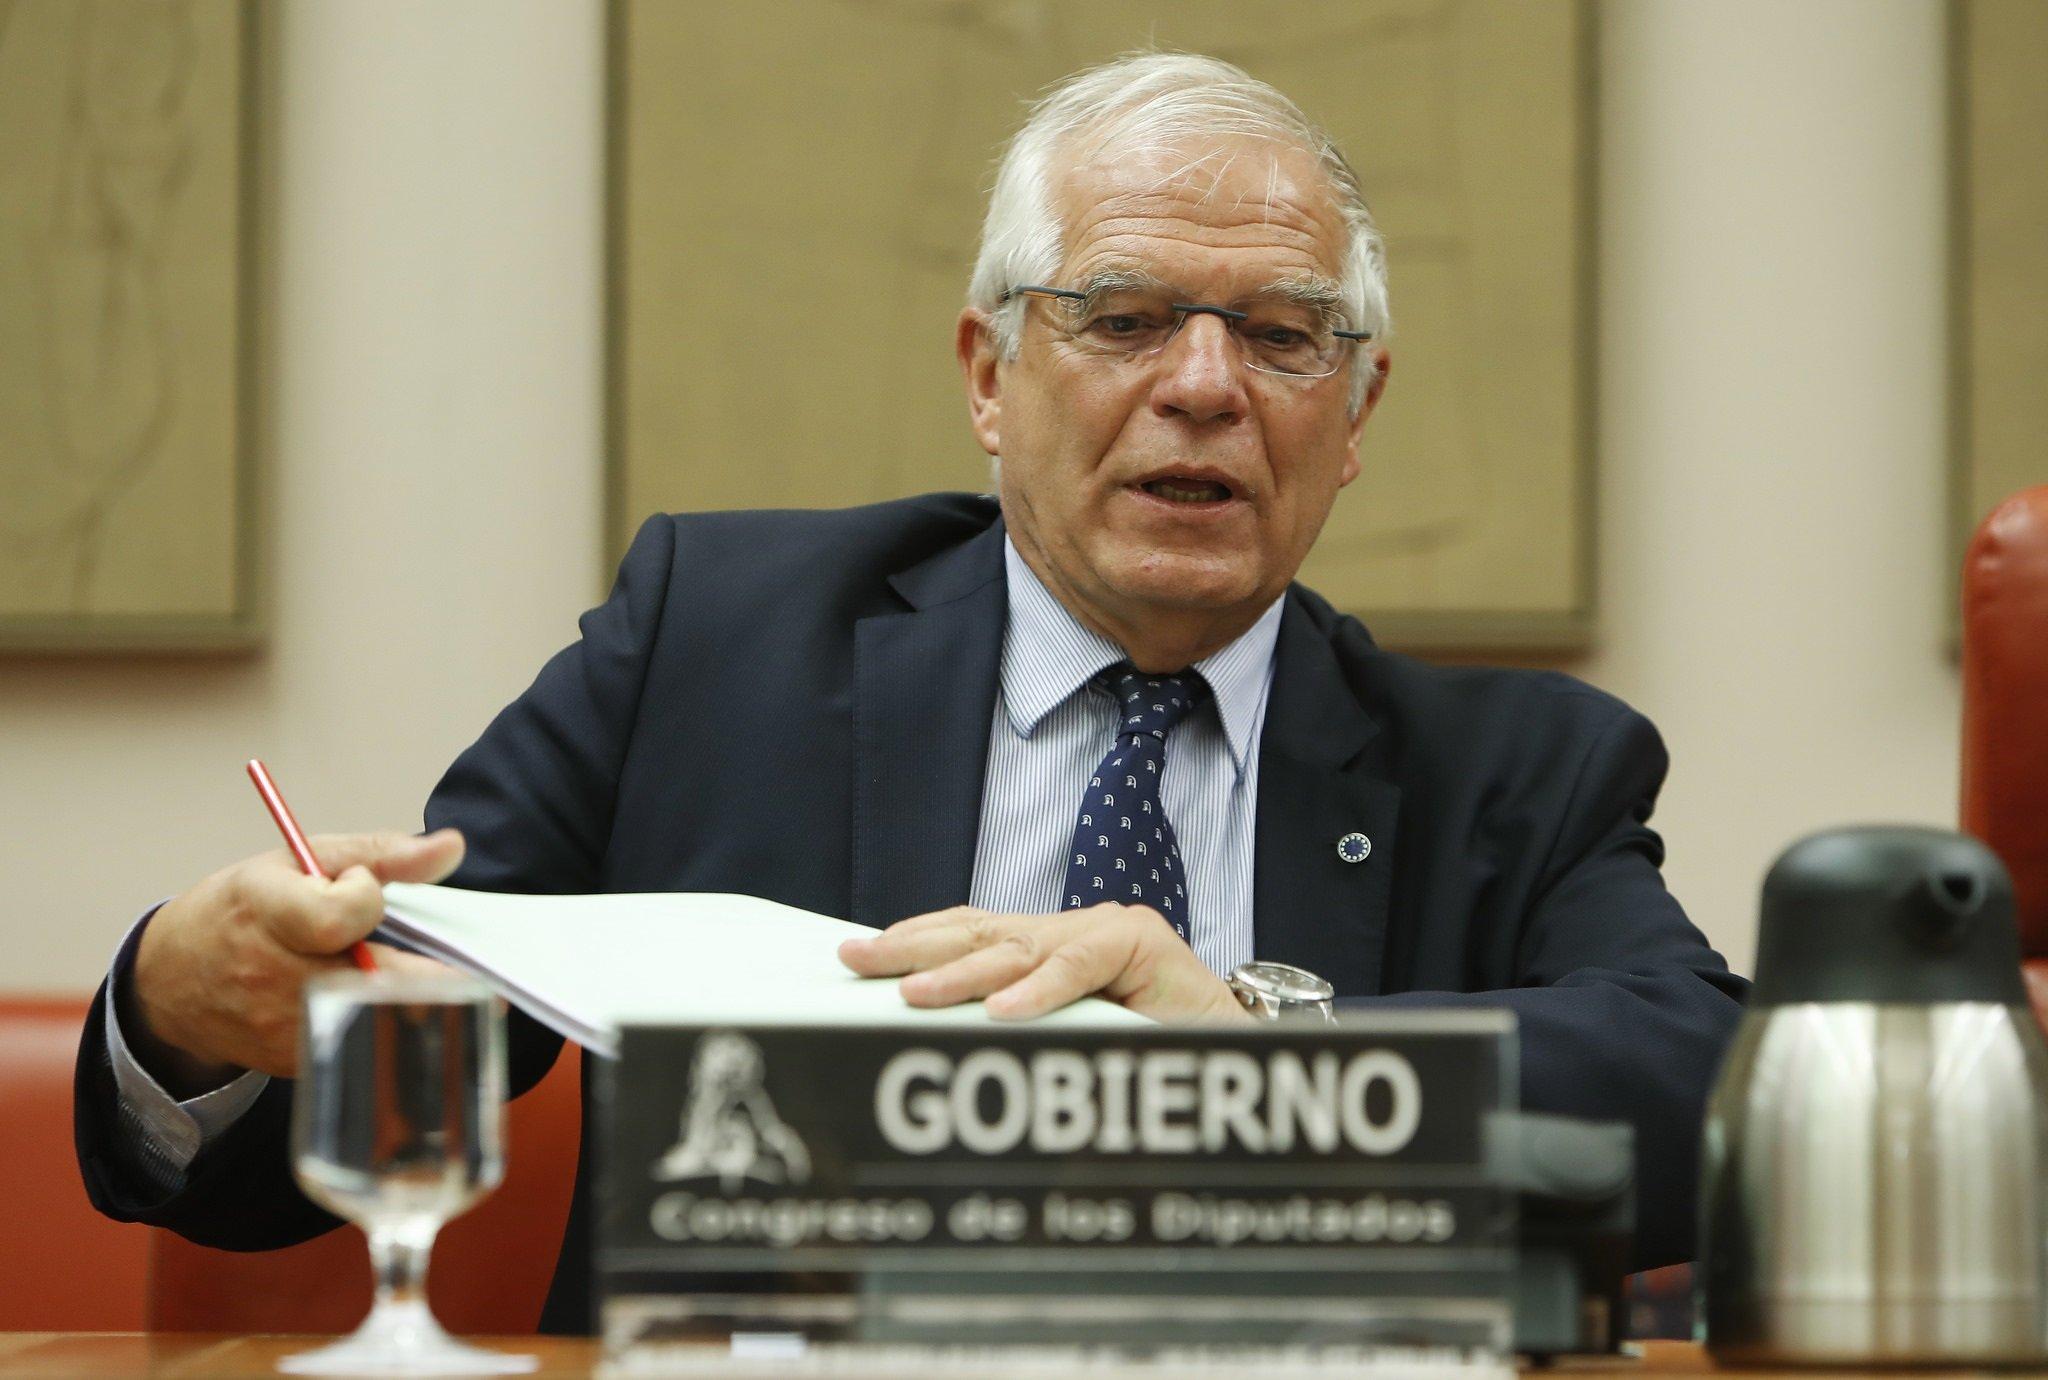 Abengoa. Borrell, otro ministro tocado por la corrupción: uso de información privilegiada